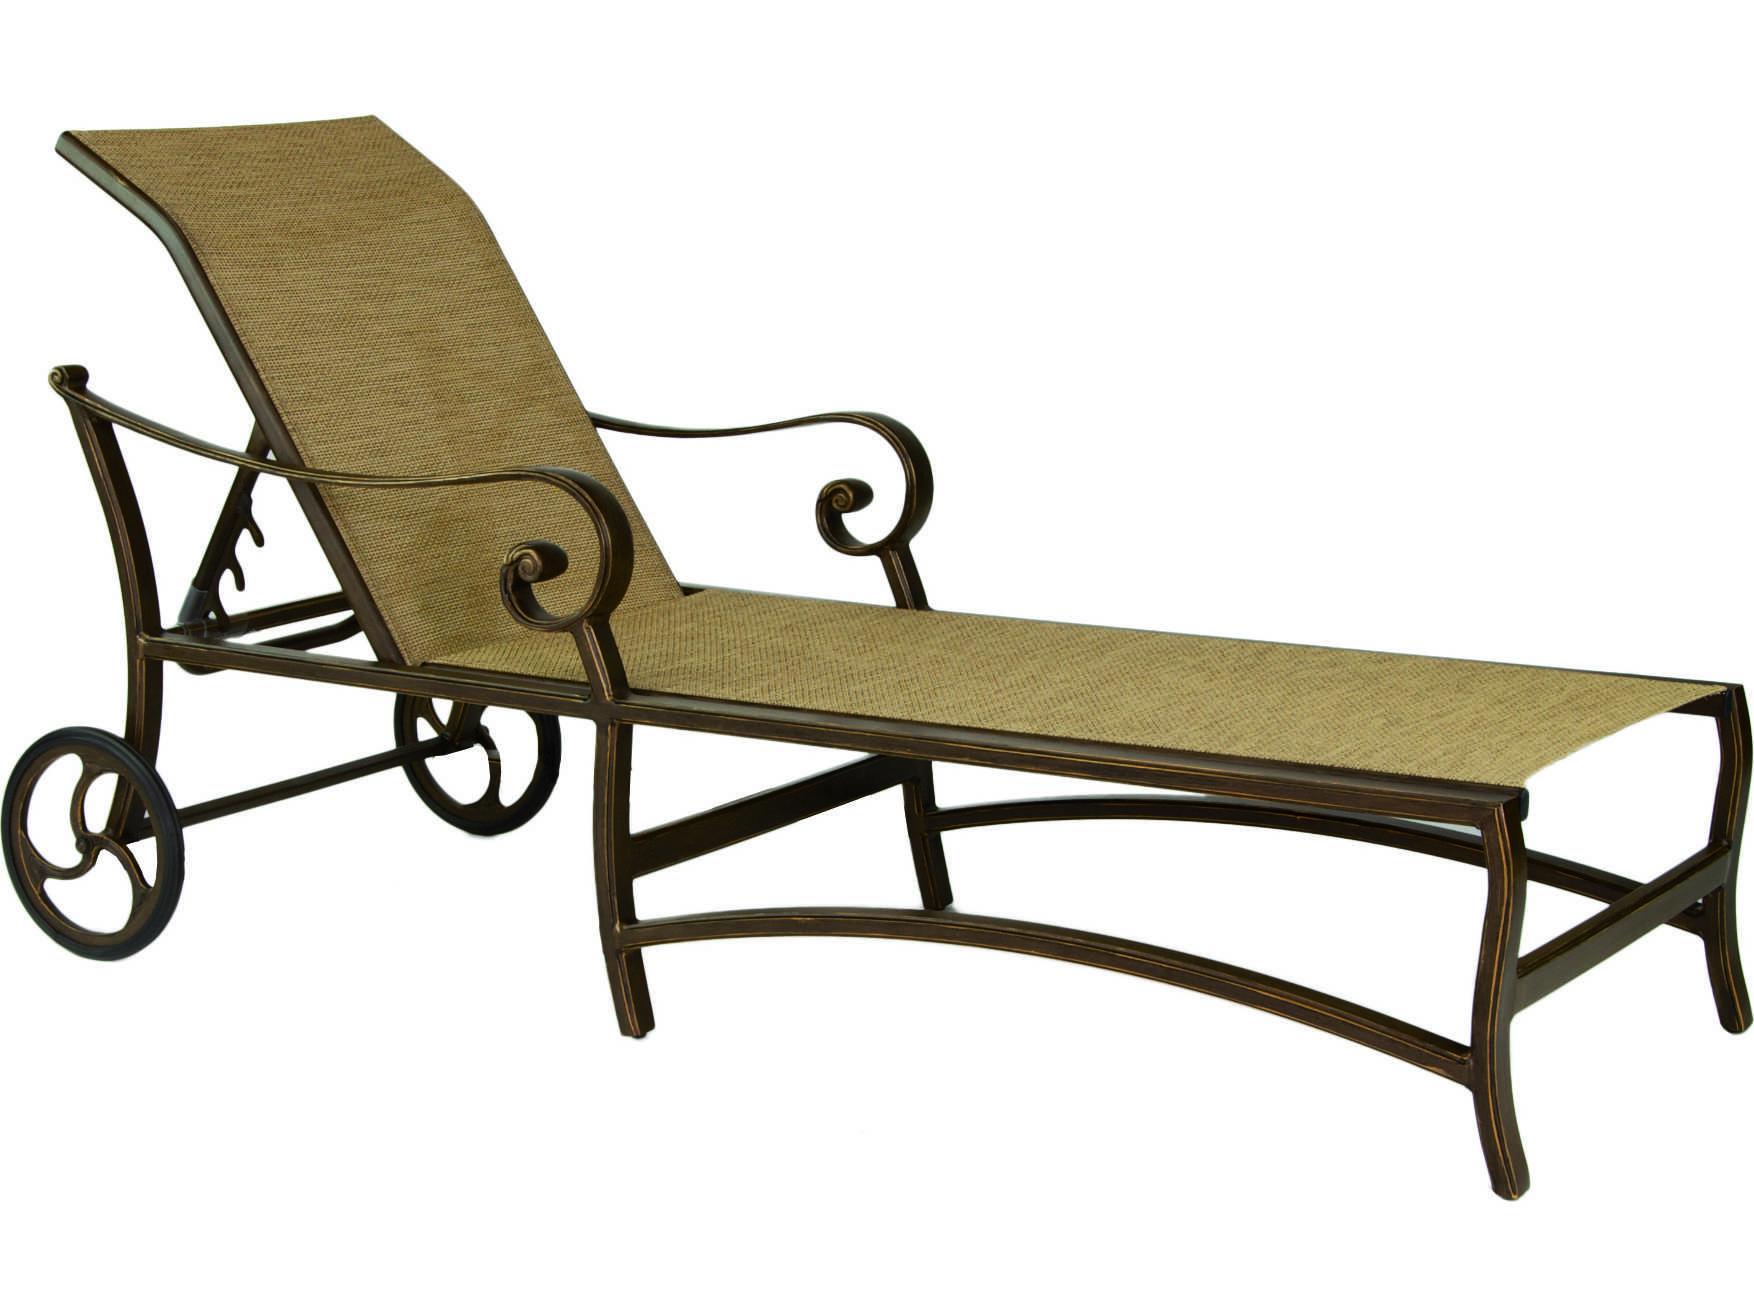 Castelle veracruz sling cast aluminum adjustable chaise for Cast aluminum chaise lounge with wheels